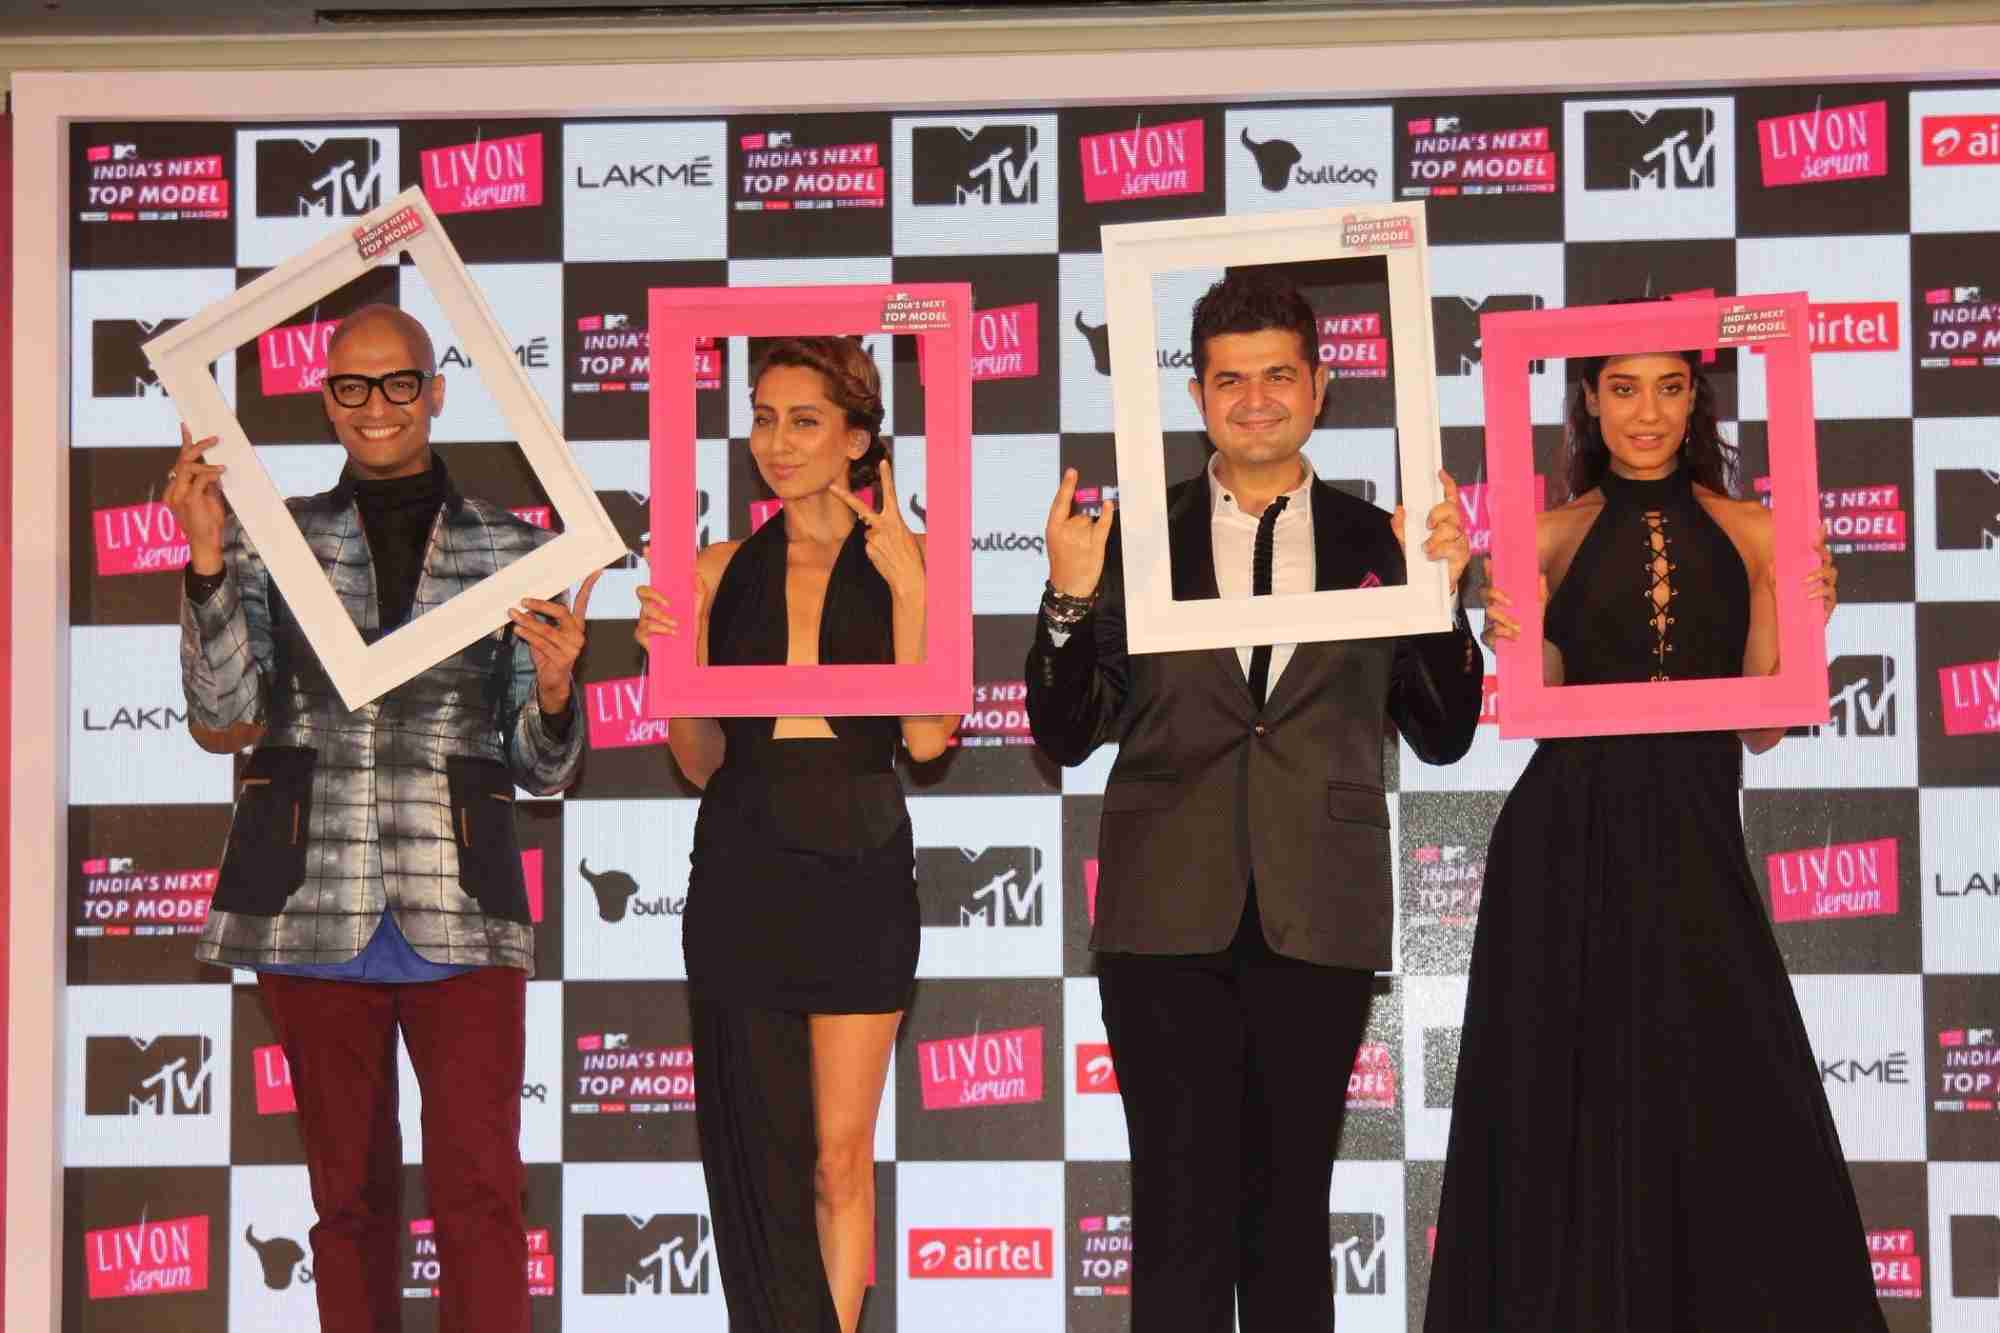 Dabboo Ratnani, Lisa Haydon & Anusha Dandekar